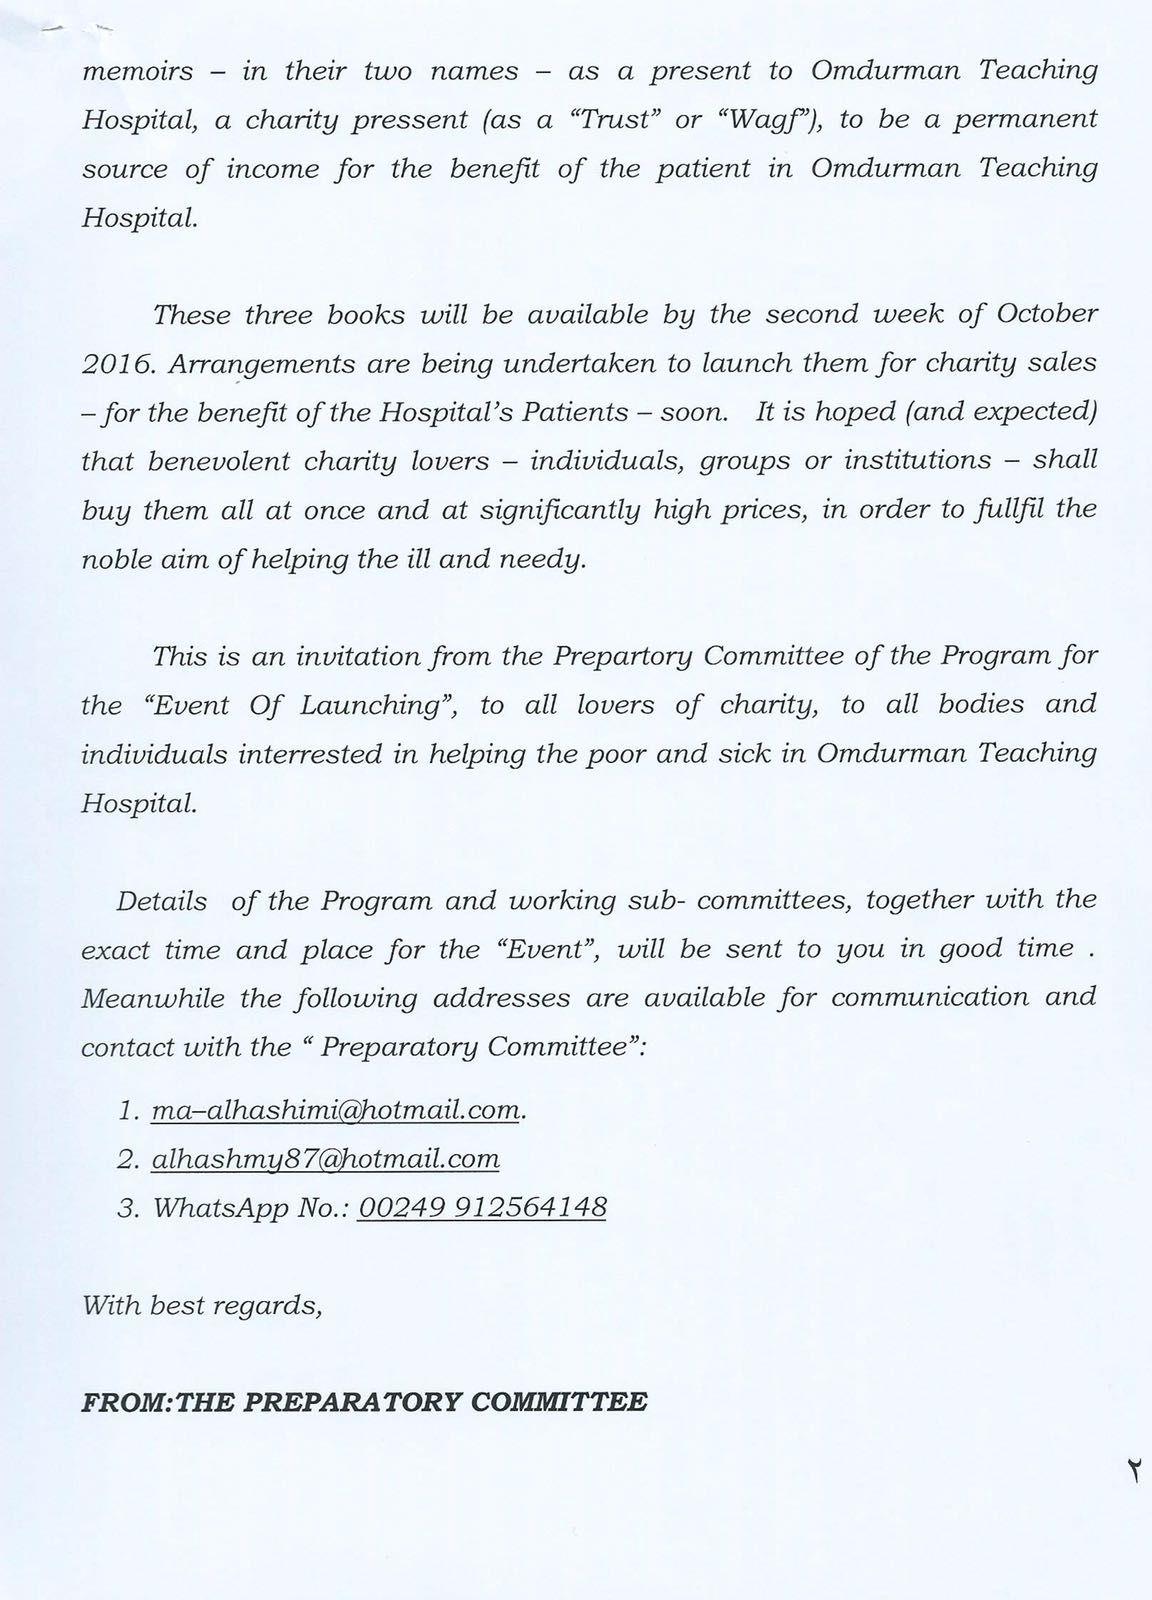 المبادرة الشعبية والأهلية  لدعم مستشفي أمدرمان التعليمي